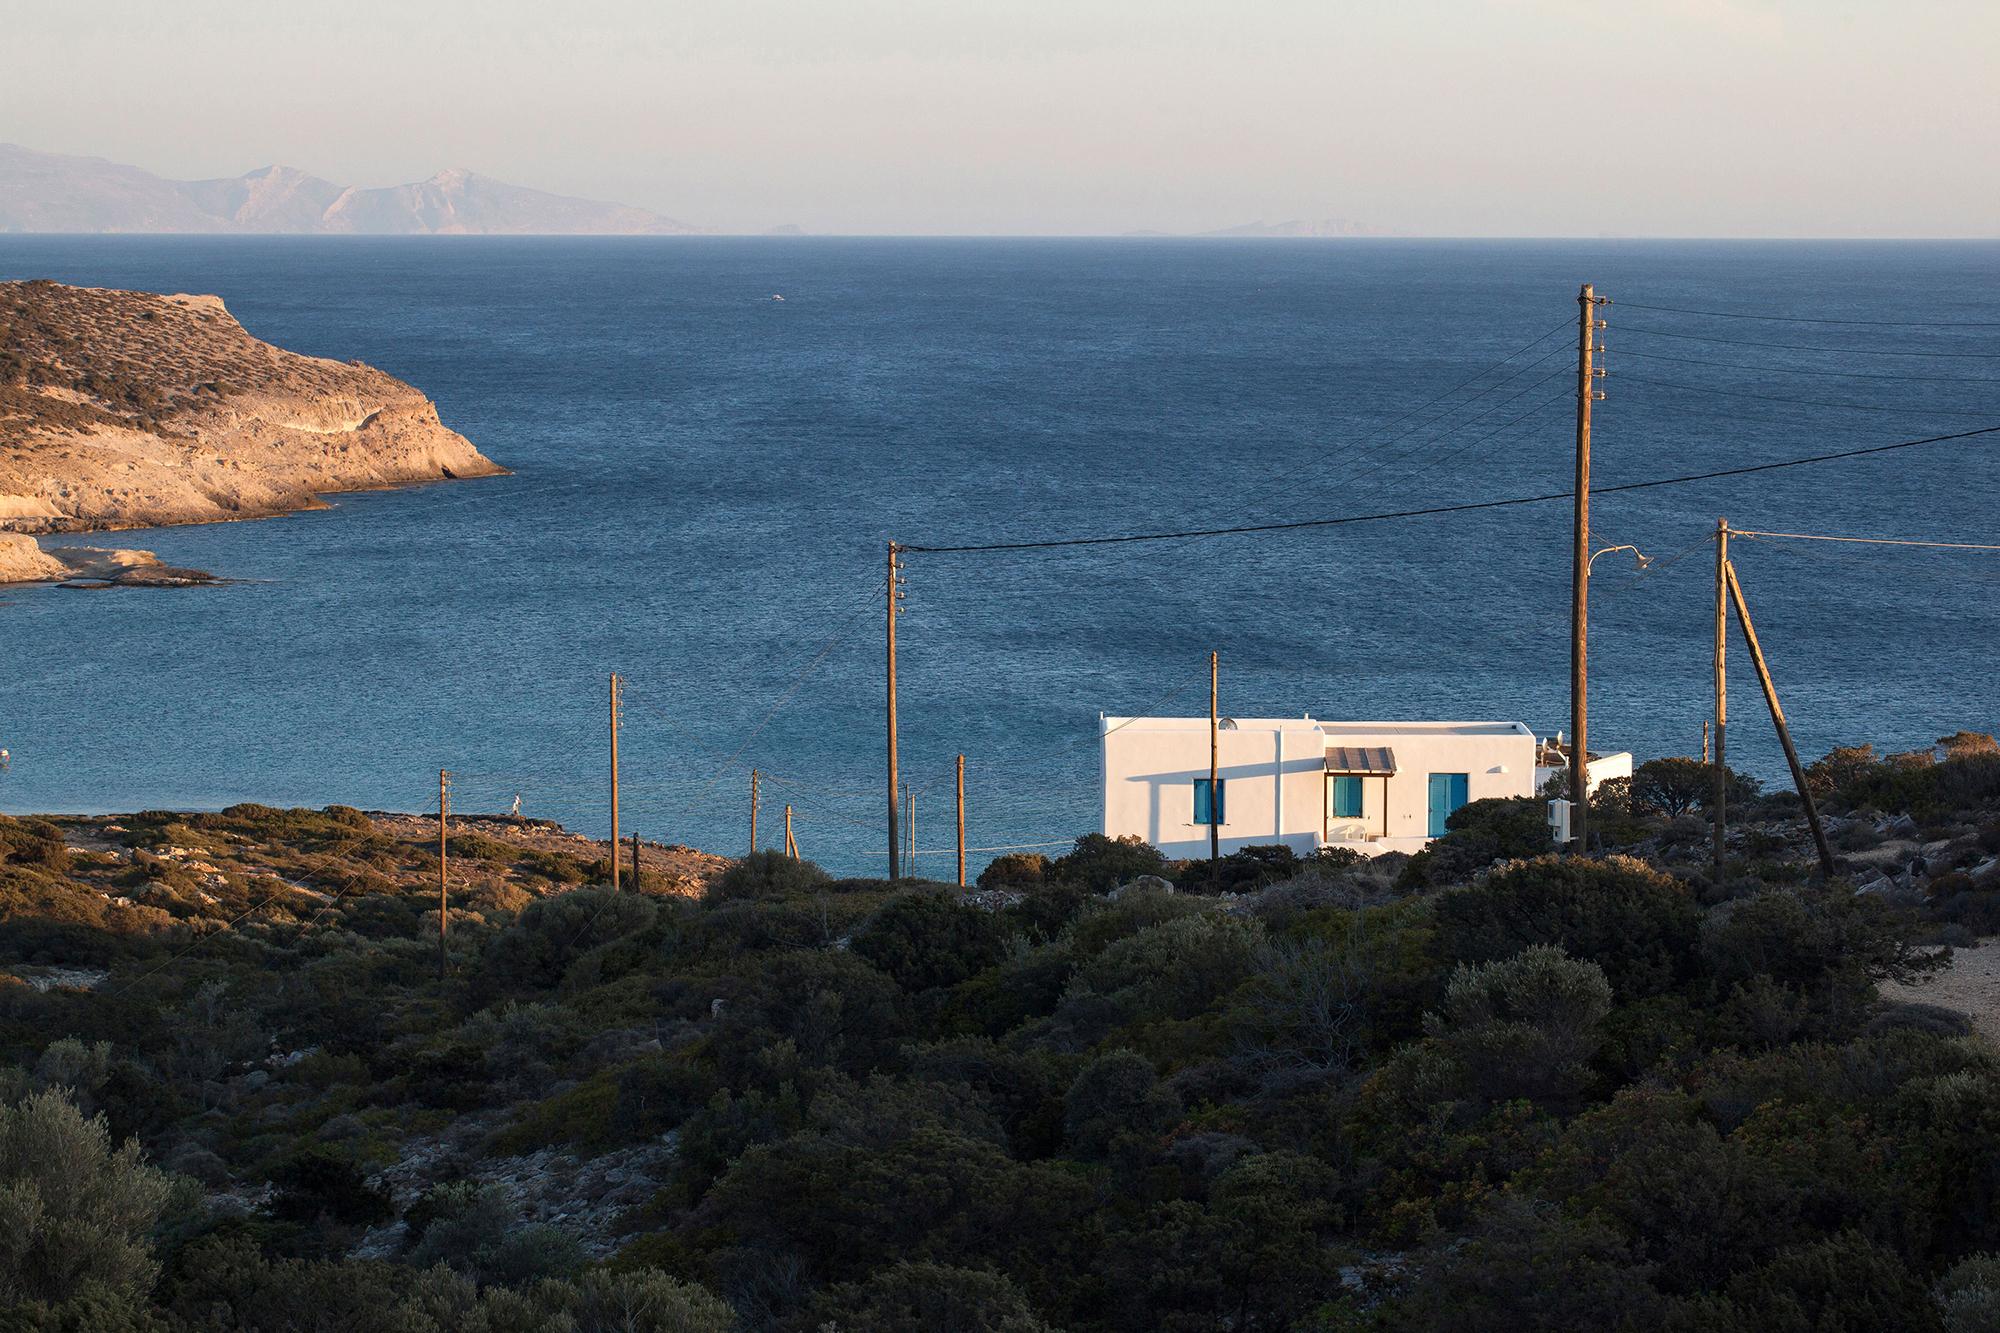 vue Méditerranée soleil couchant seul au monde Grèce